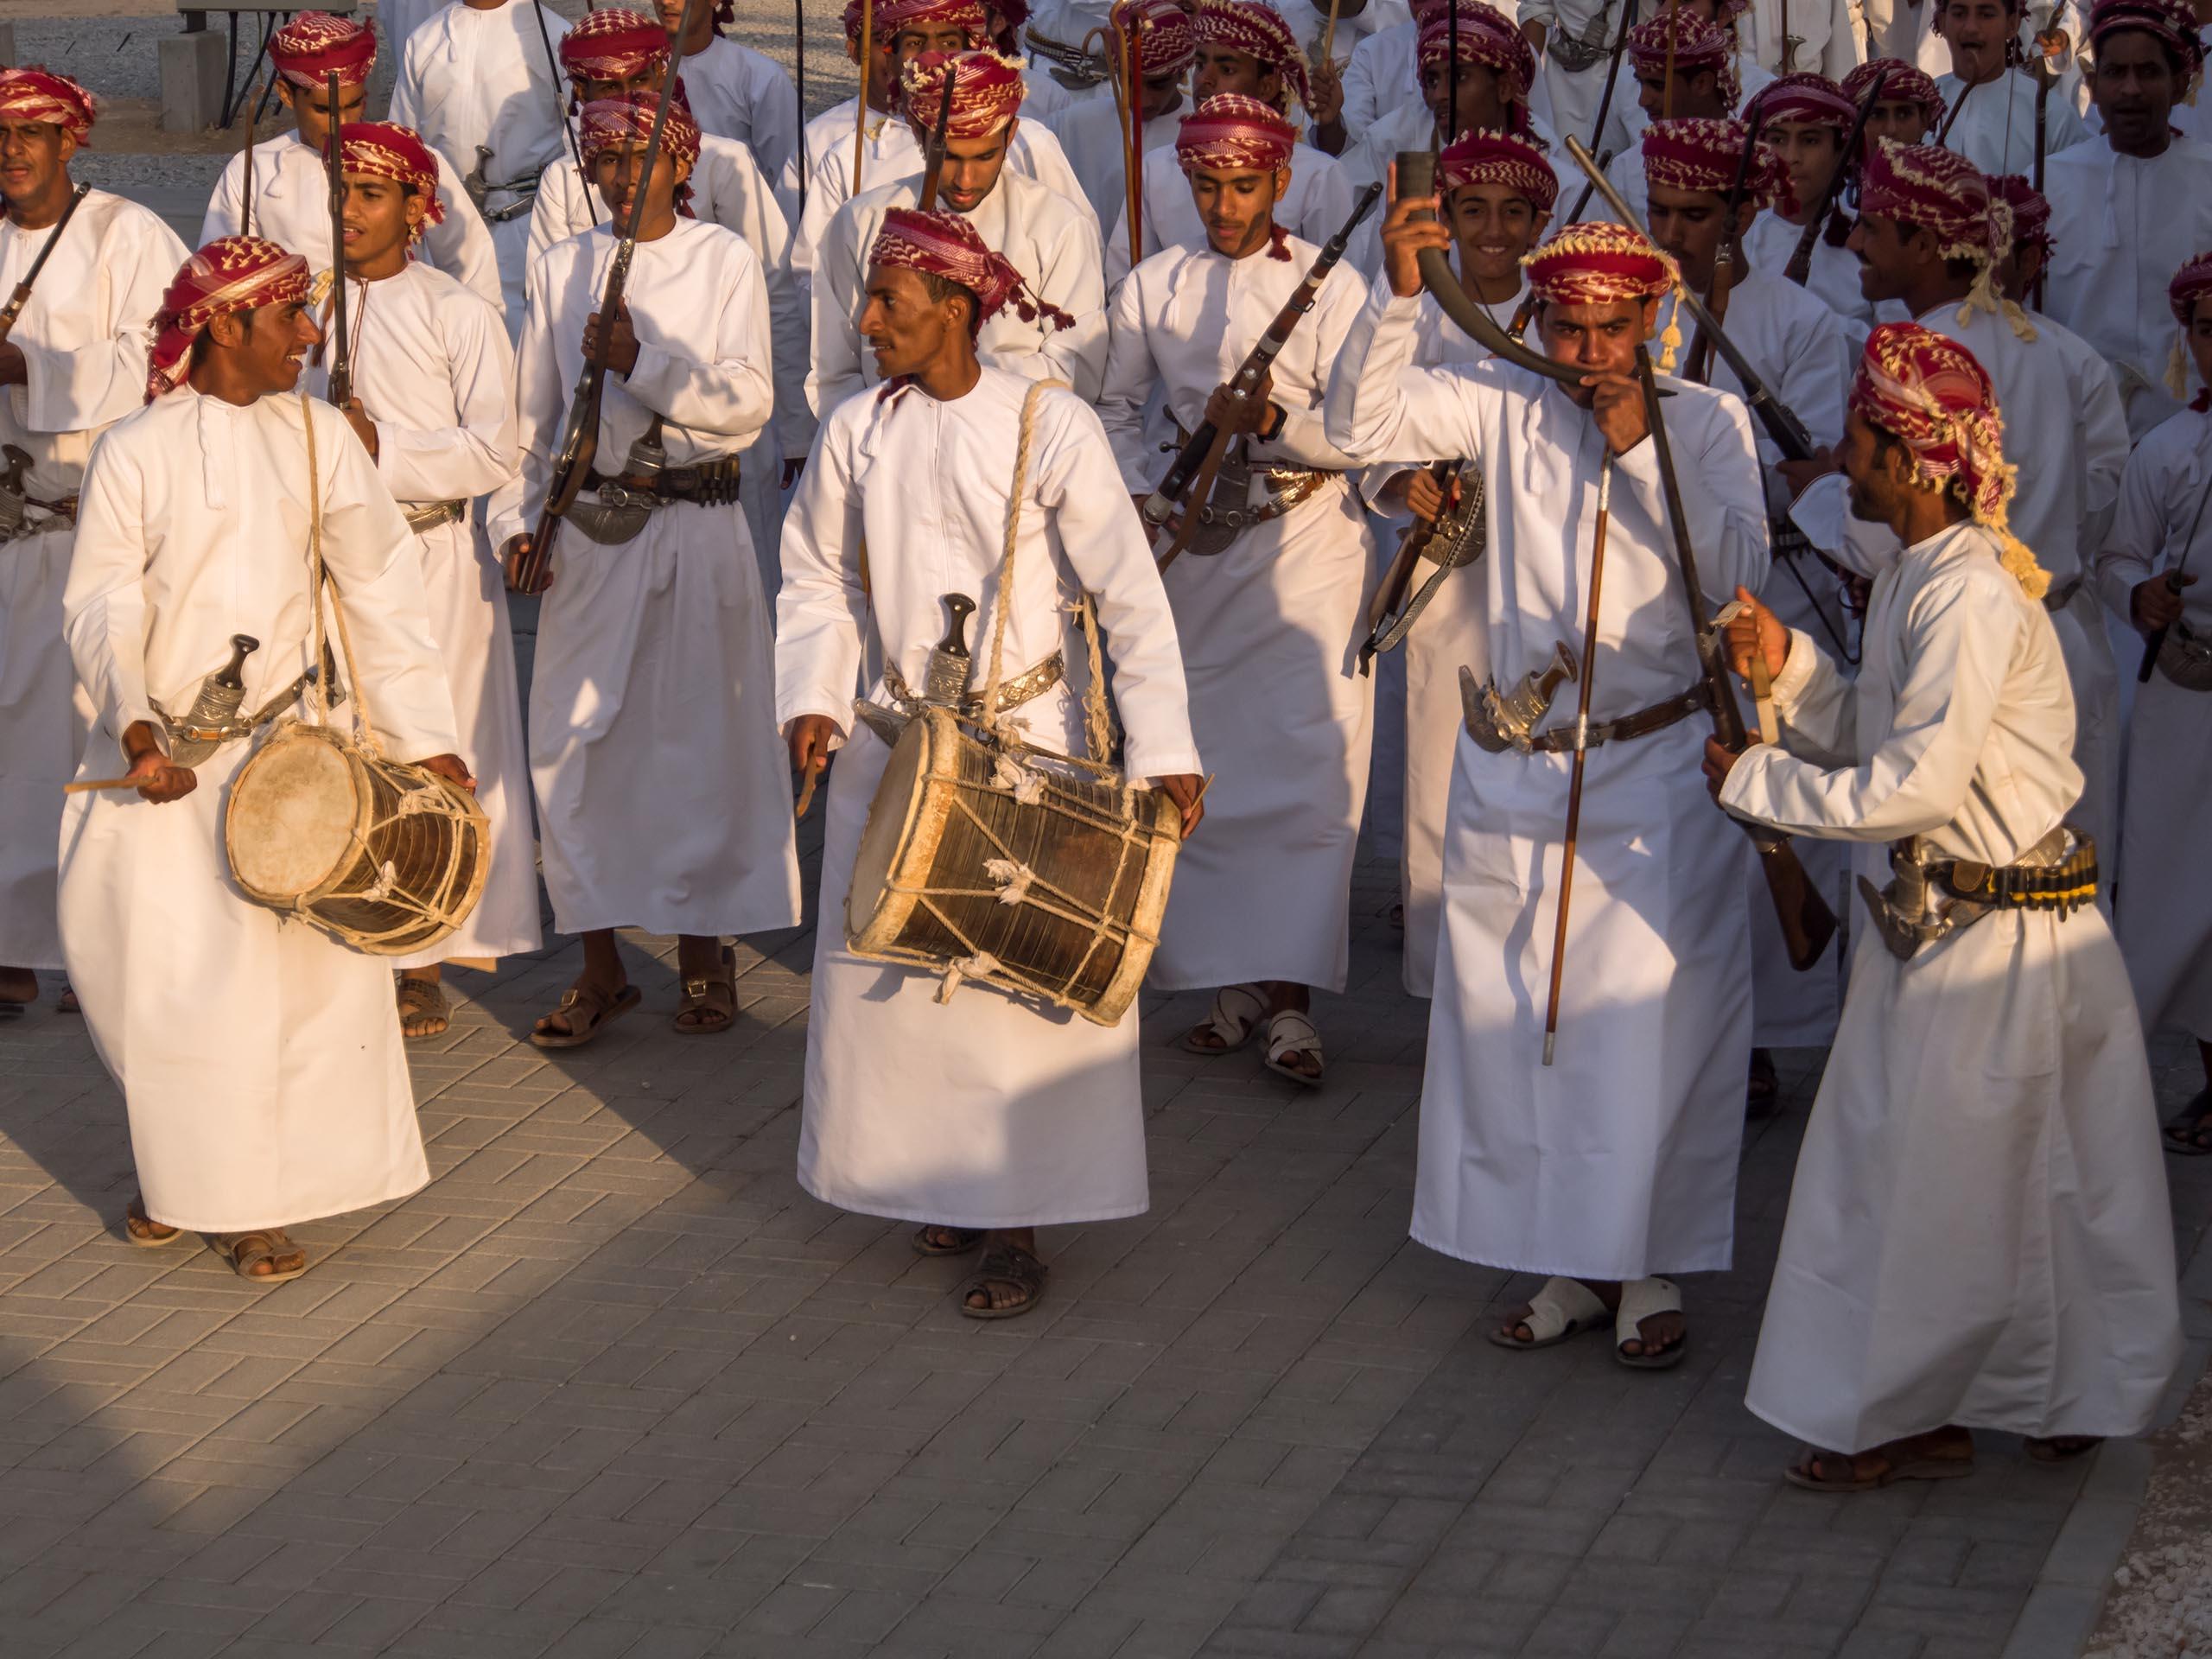 الفنون الشعبية العمانية Size:468.00 Kb Dim: 2560 x 1920